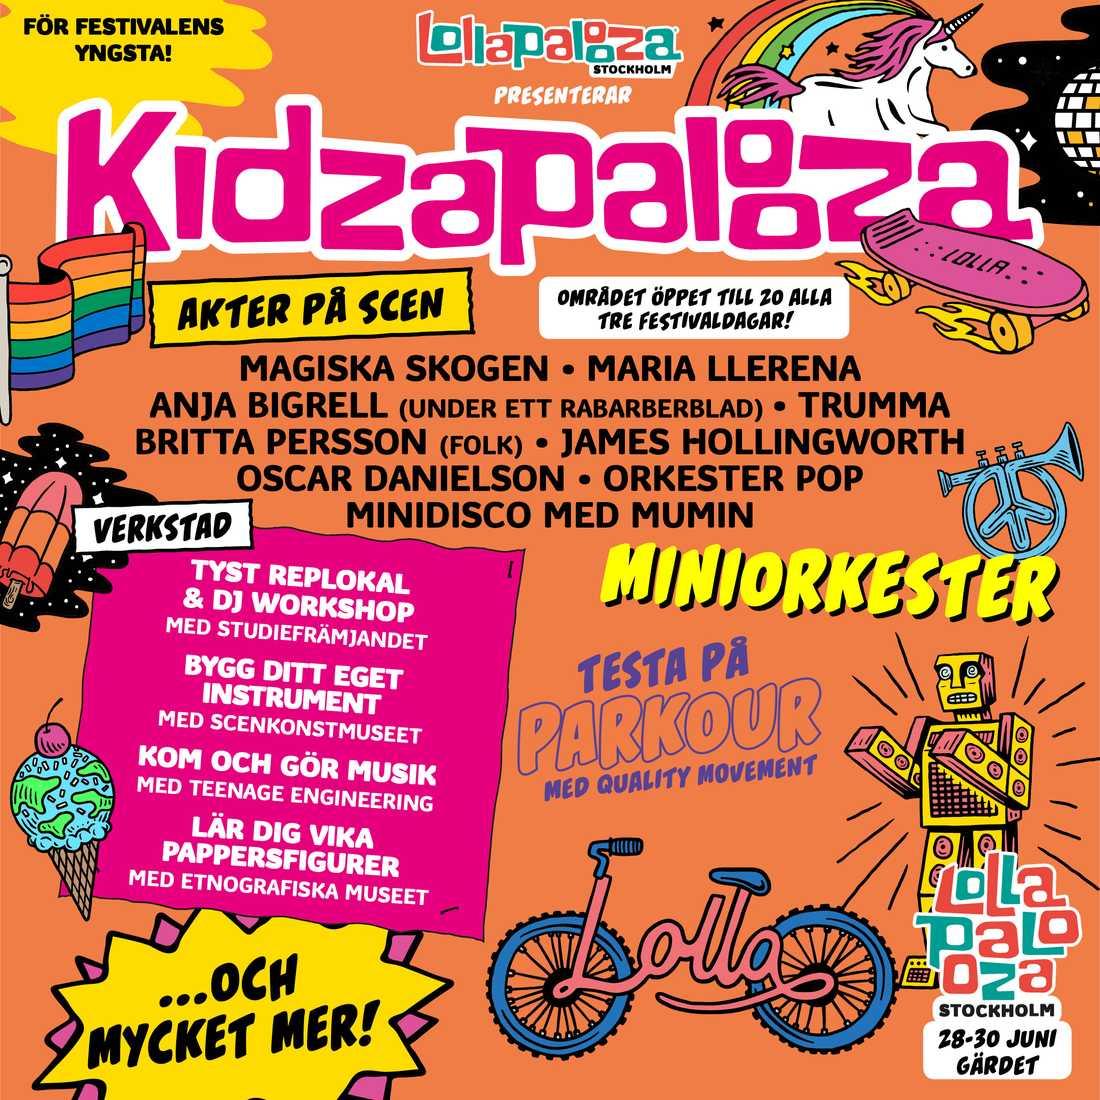 Programmet för Kidzapalooza.